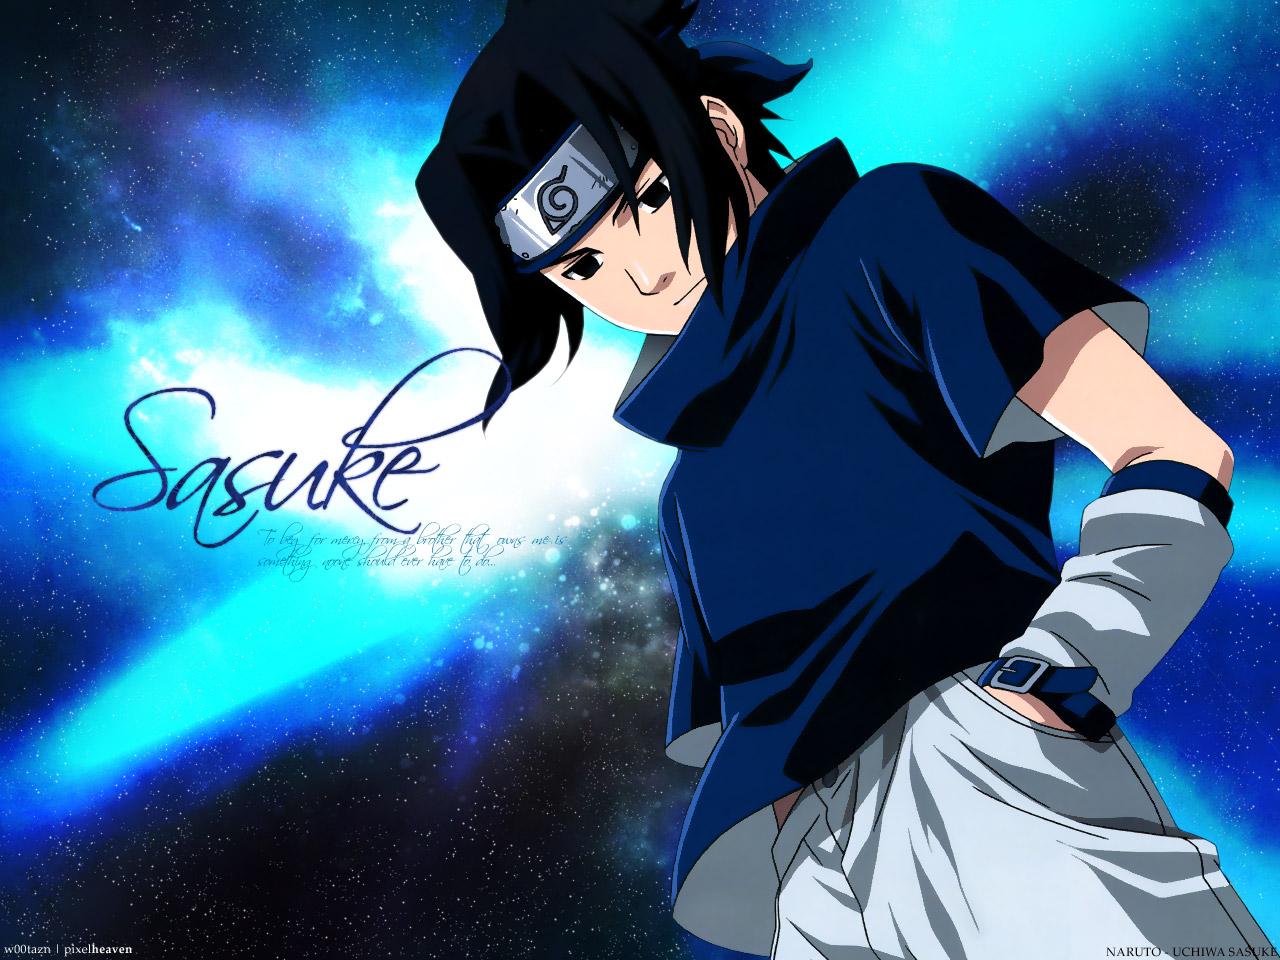 http://3.bp.blogspot.com/_MKIgRCJ9hC4/S7N2qvl7wWI/AAAAAAAABRA/i95fnqP2-q4/s1600/Sasuke+%282%29.jpg